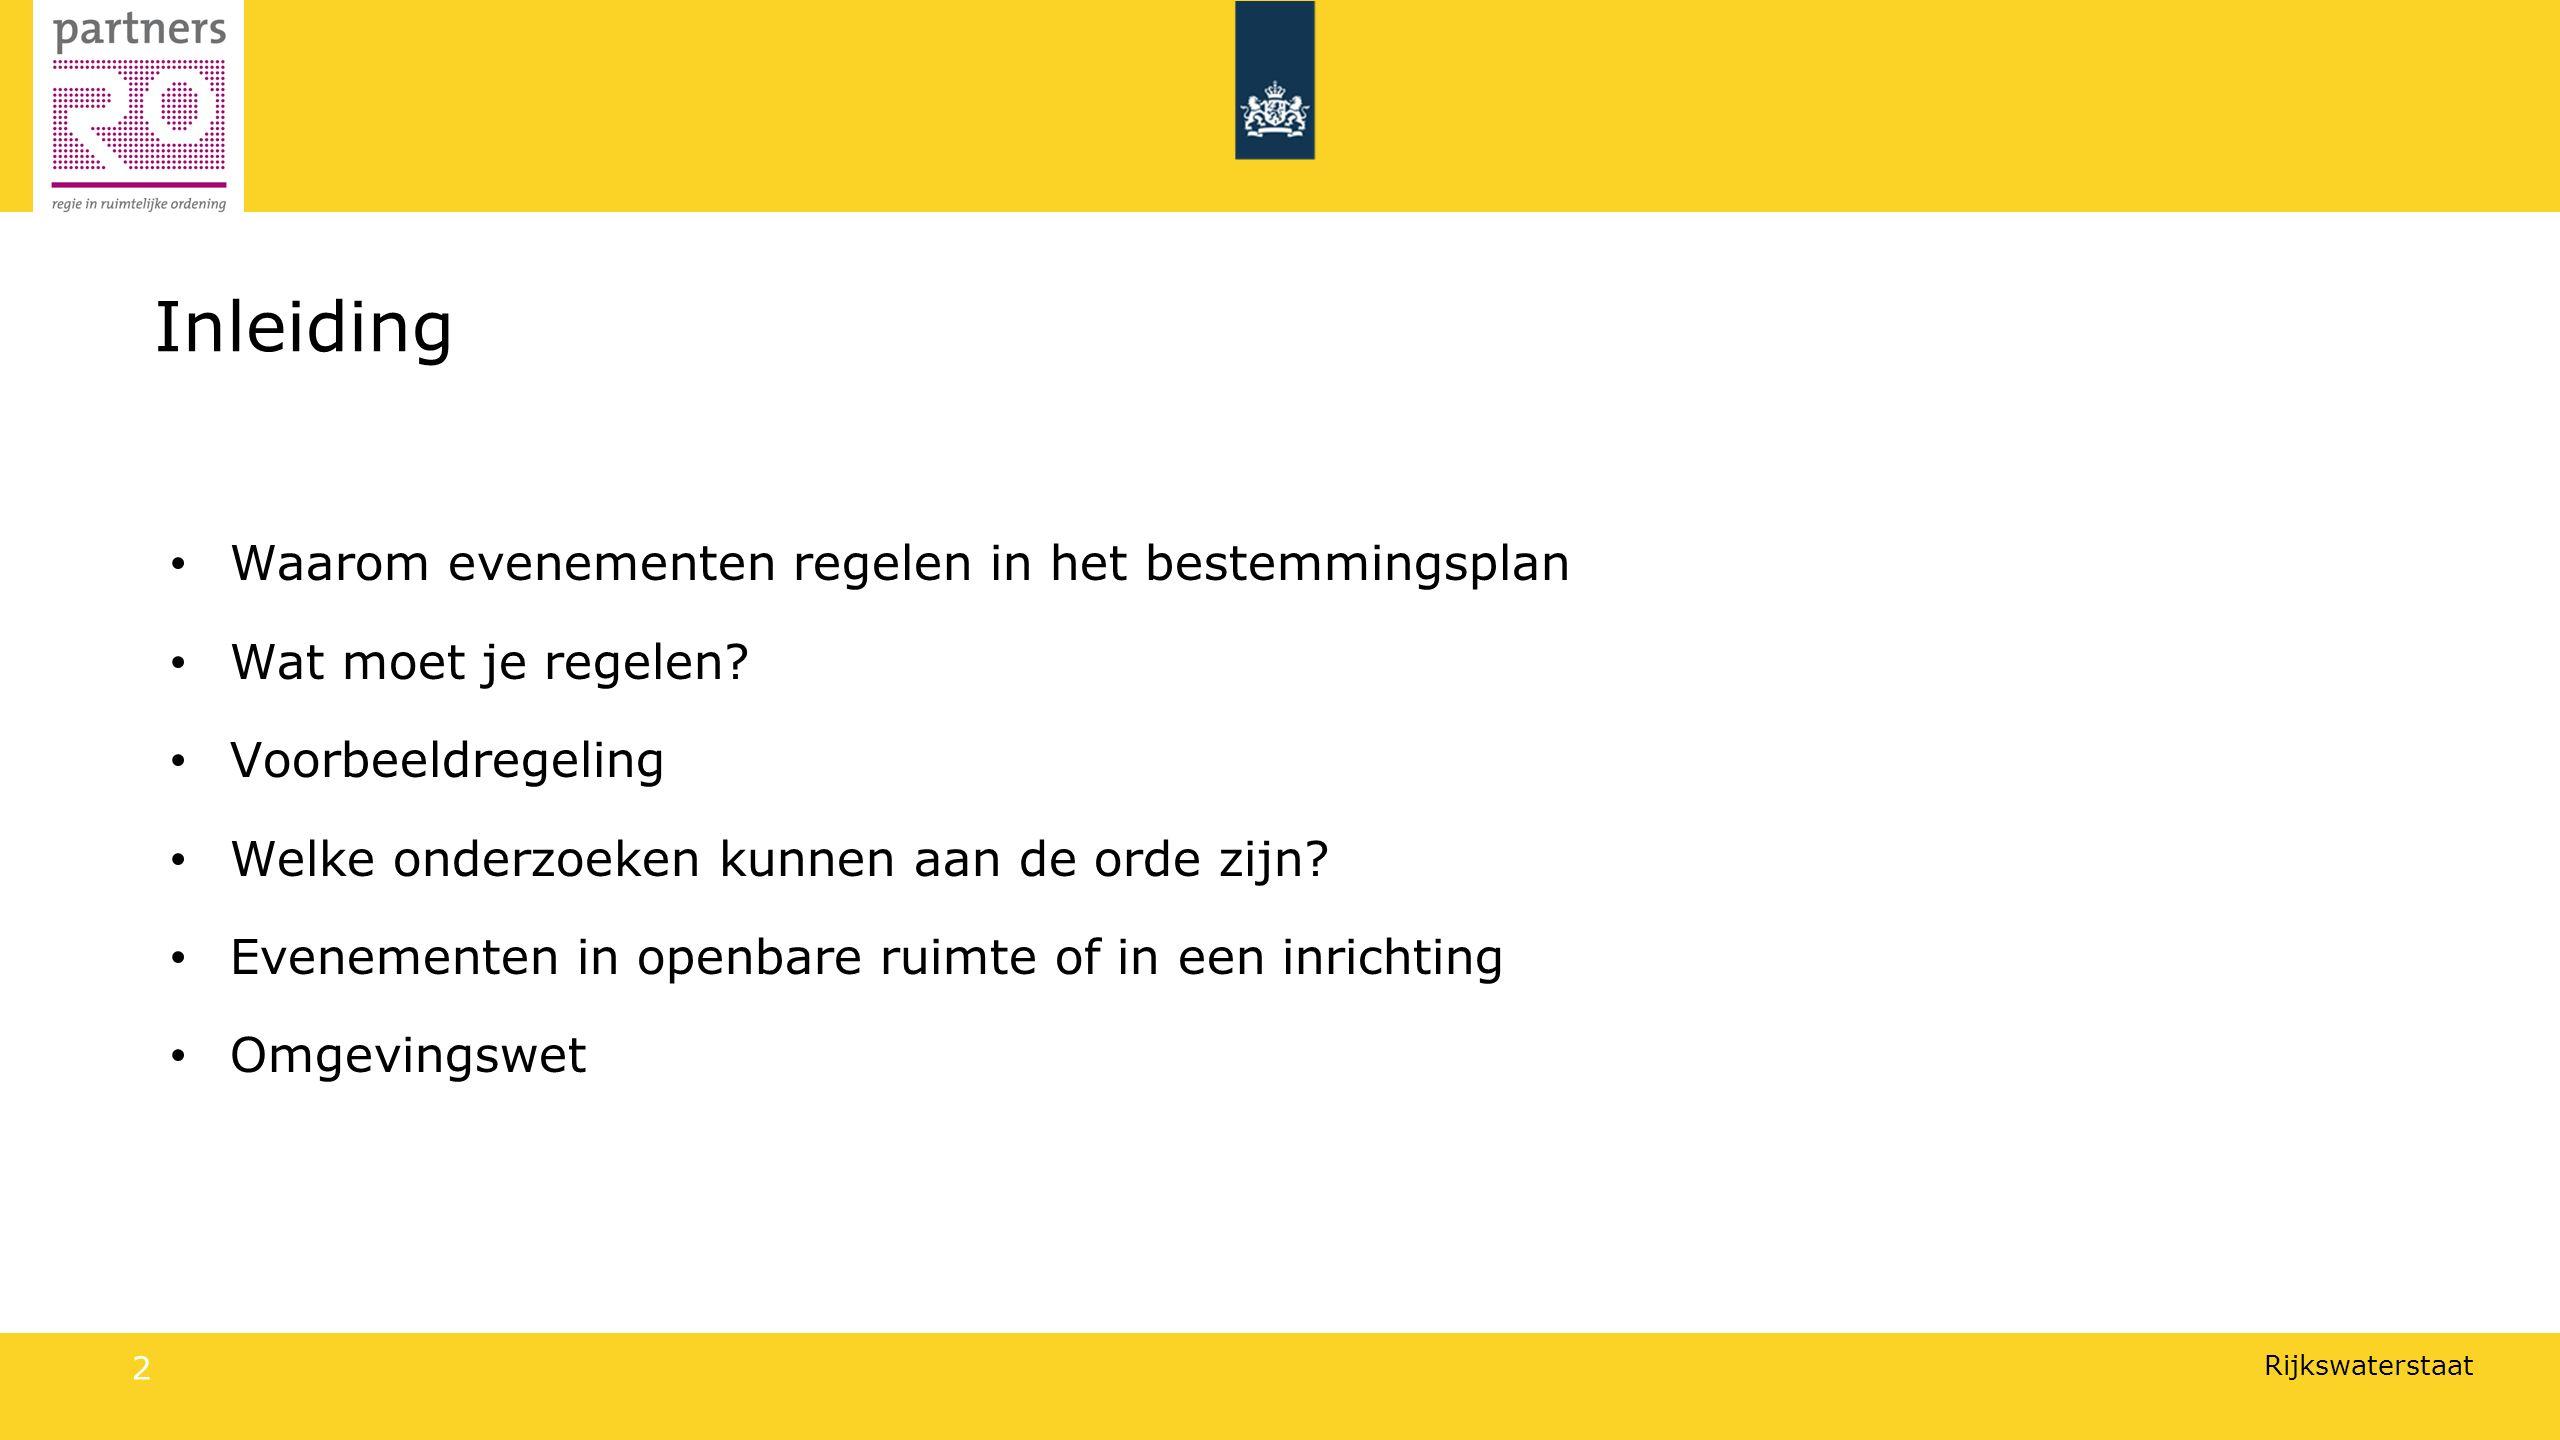 Rijkswaterstaat 3 Waarom evenementen regelen in het bestemmingsplan.